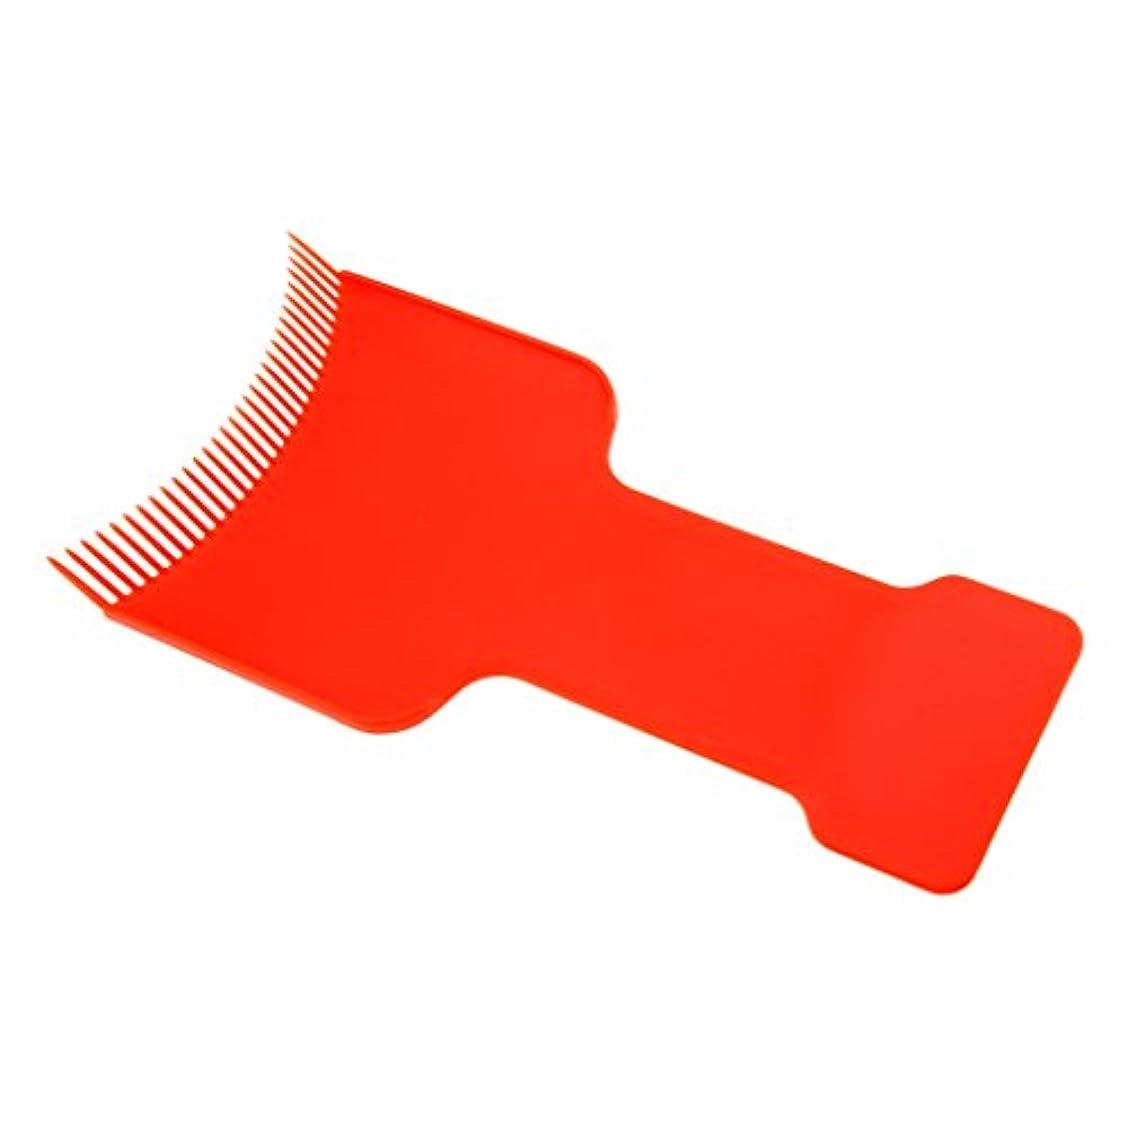 ティッシュシーズン確実SM SunniMix 染色ボード ヘアカラーボード ヘアダイコーム ヘアダイブラシ 髪染め ツール 清掃 簡単